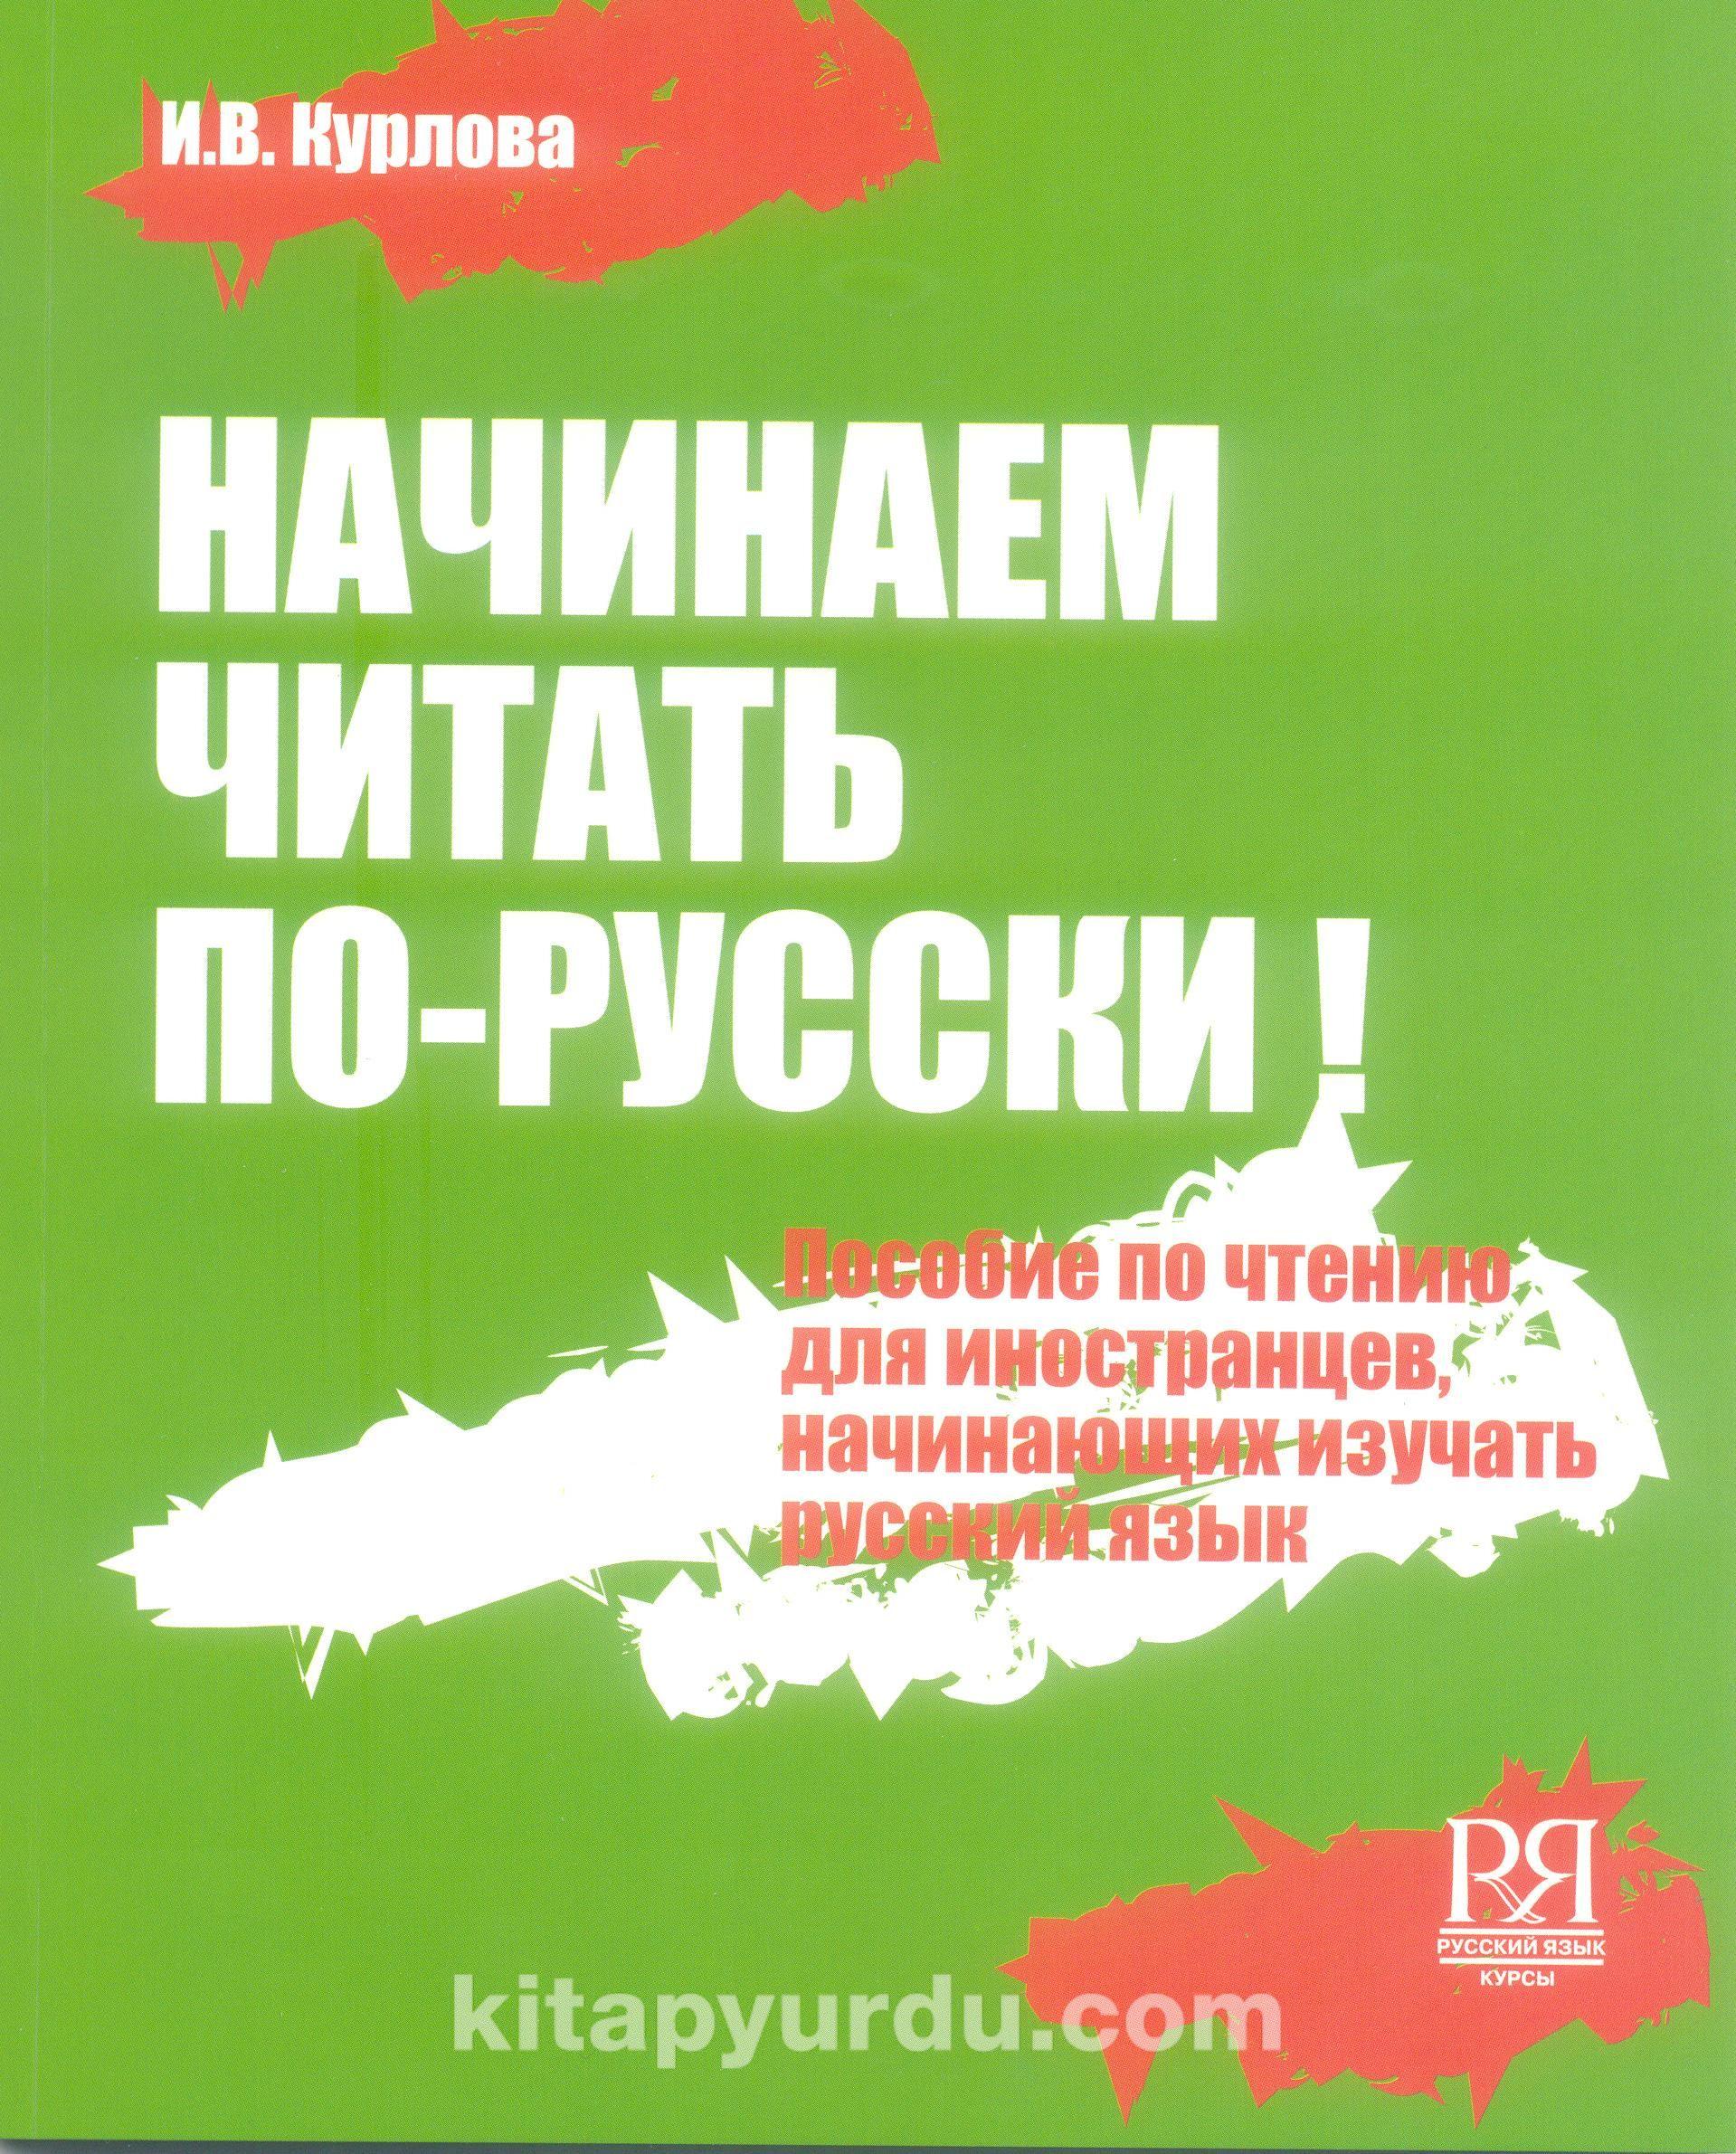 Rusça Okumaya Başlıyoruz